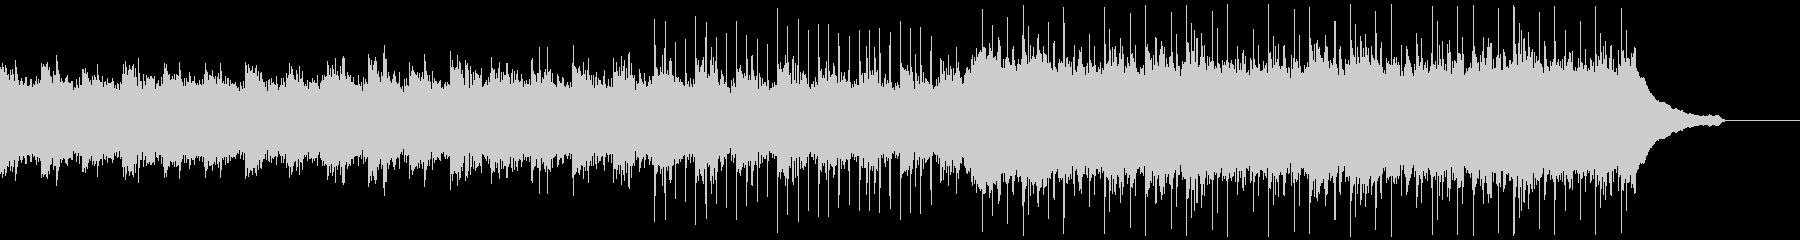 企業VP139、爽快、ポップ、ピアノbの未再生の波形